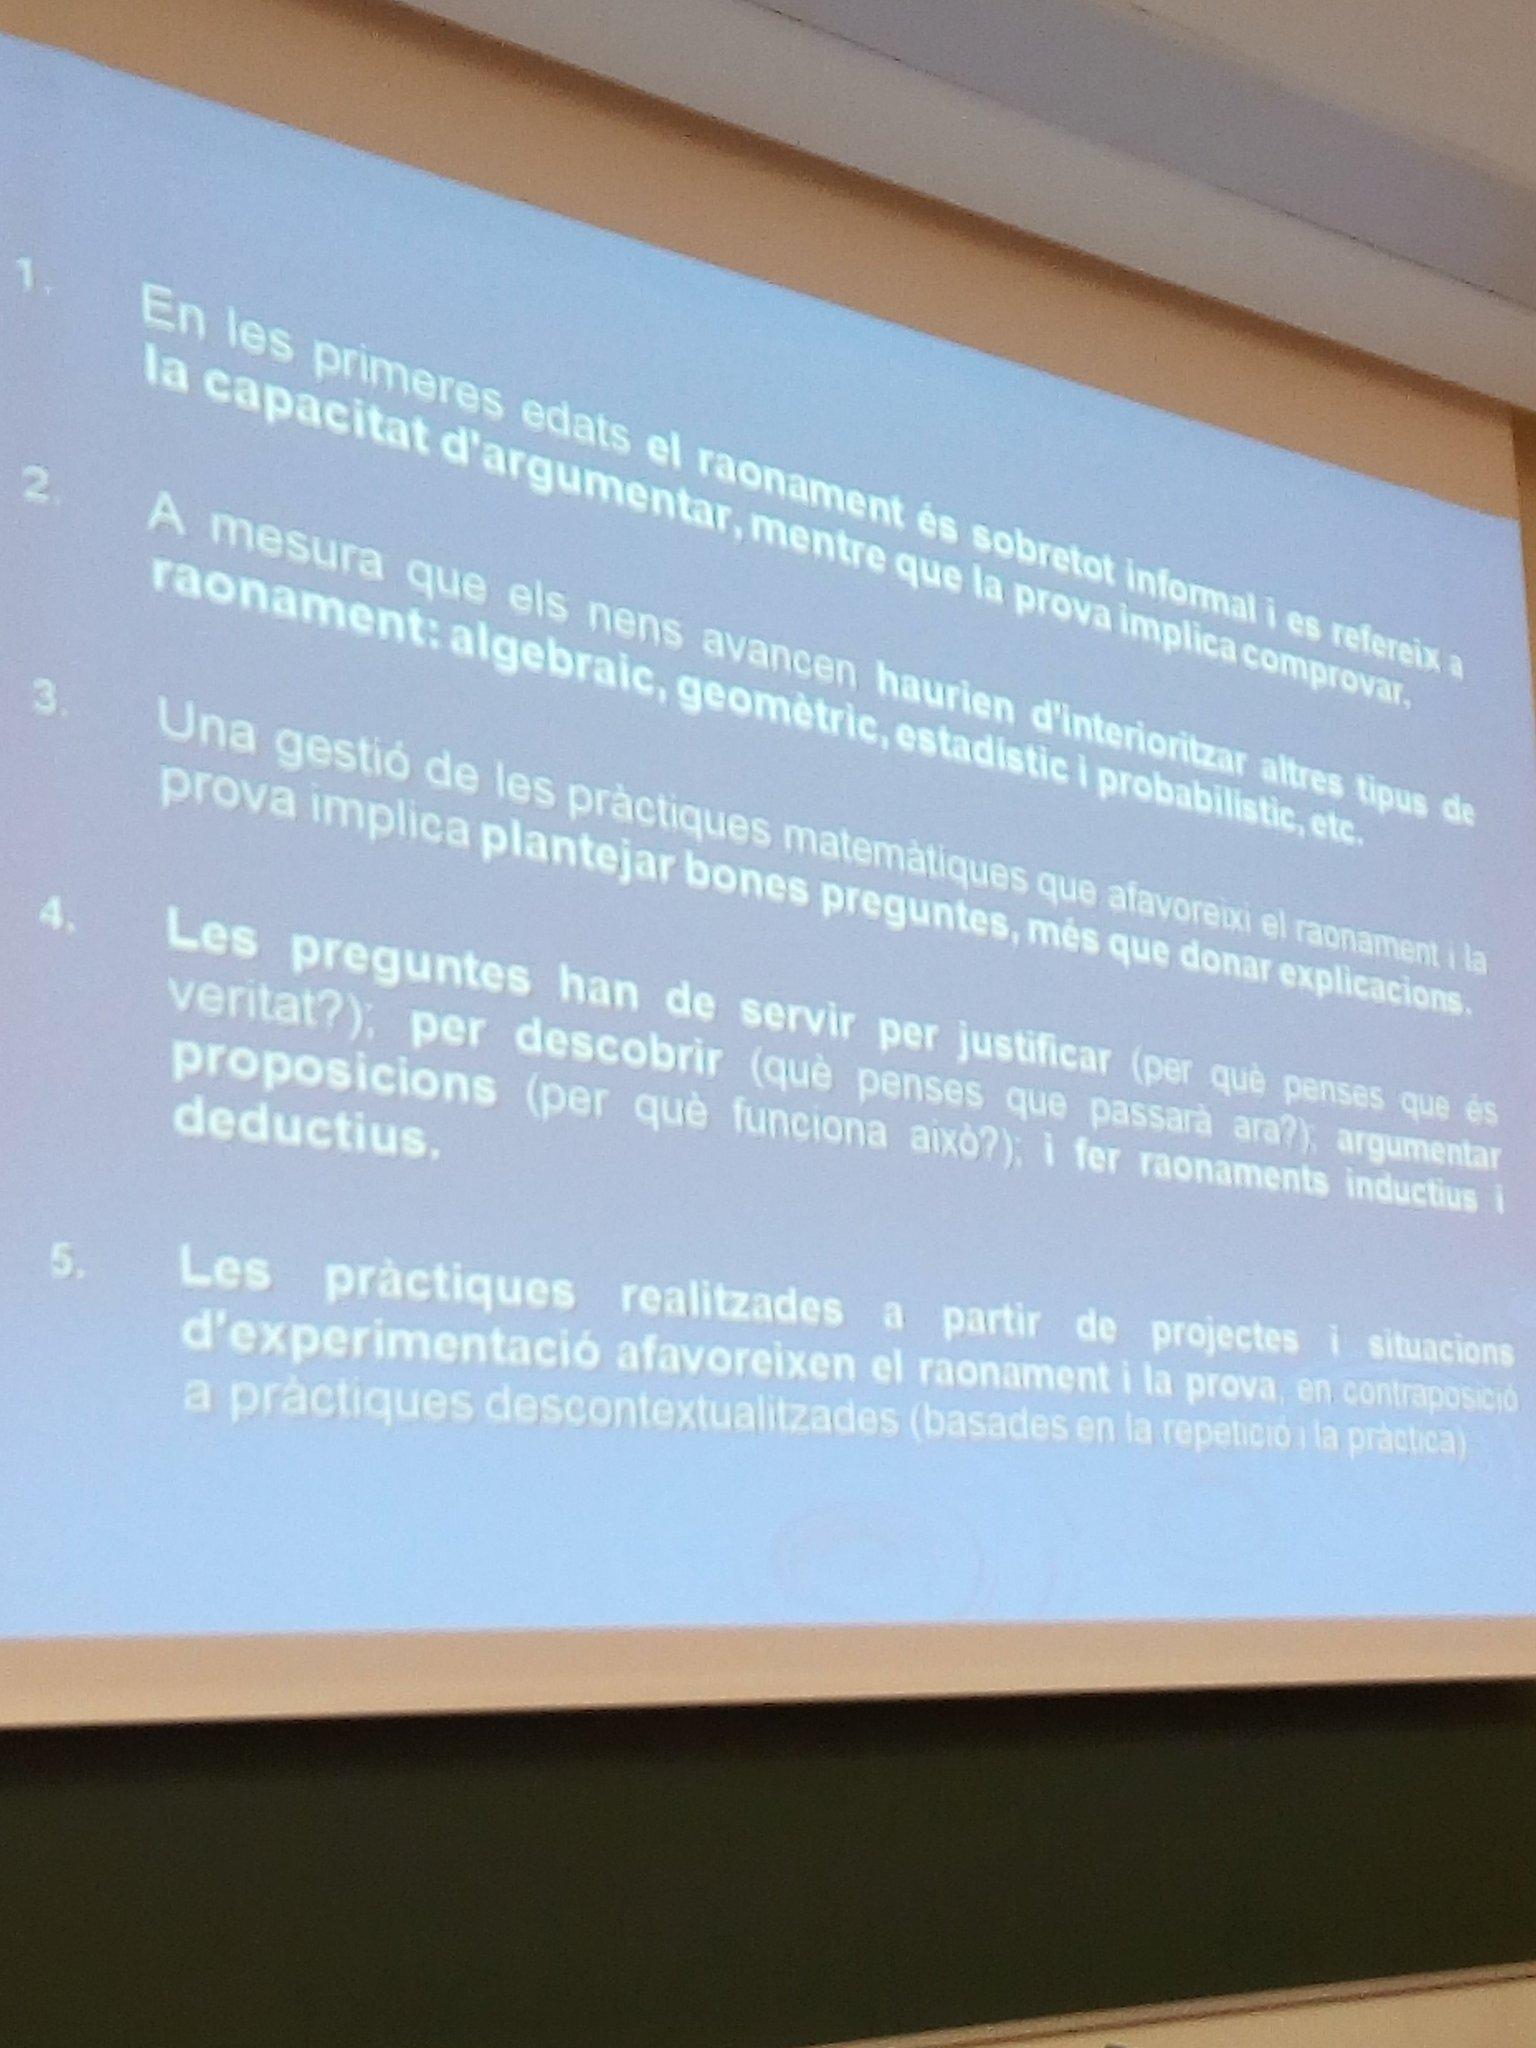 Plantear buenas preguntas para provocar razonamiento matemático en el aula #XIII_jem https://t.co/UaSd2zfeGU